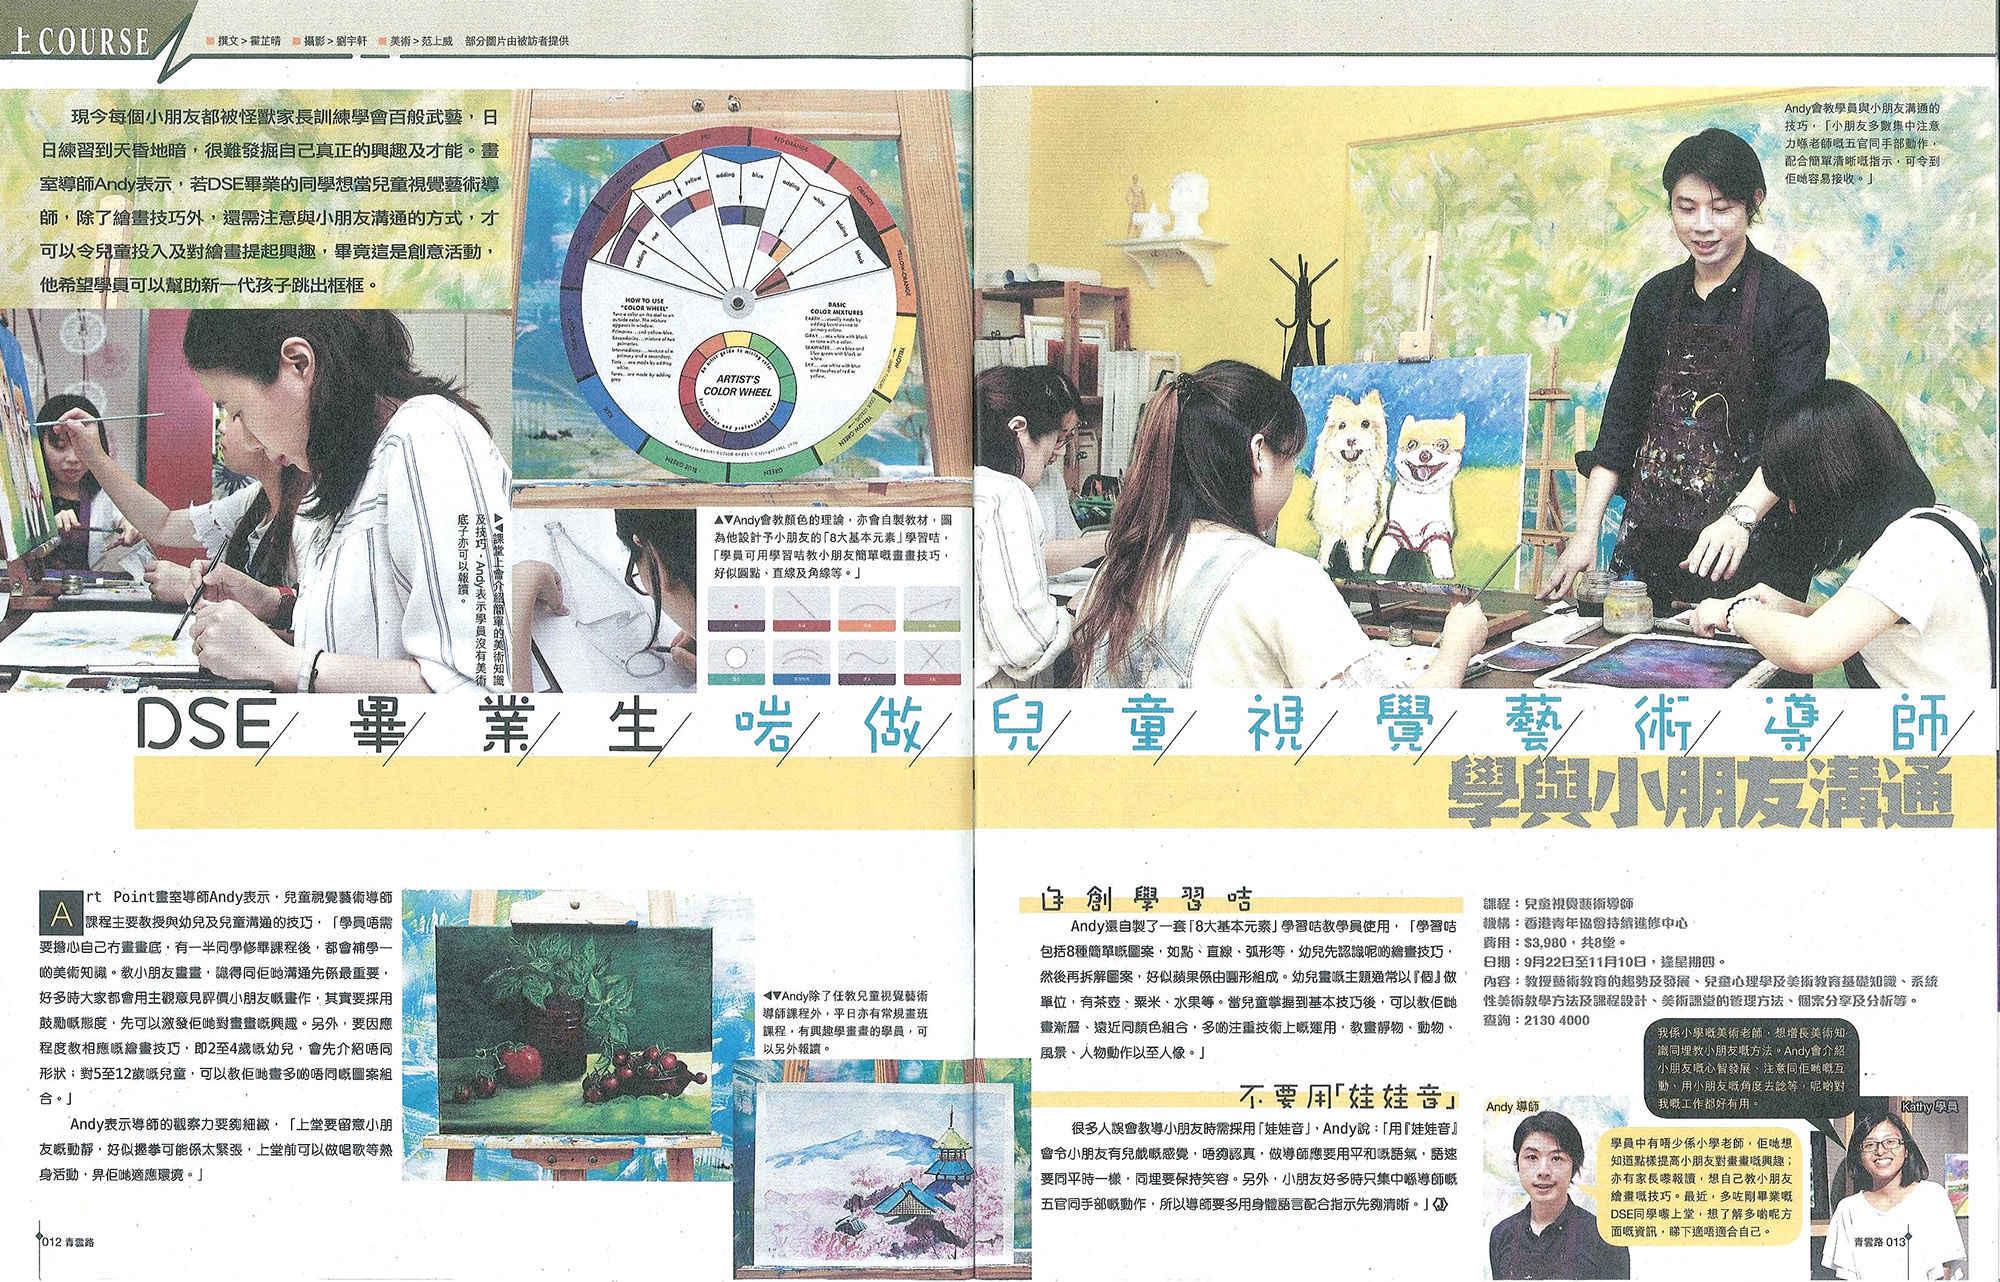 20160721_青雲路_兒童視藝